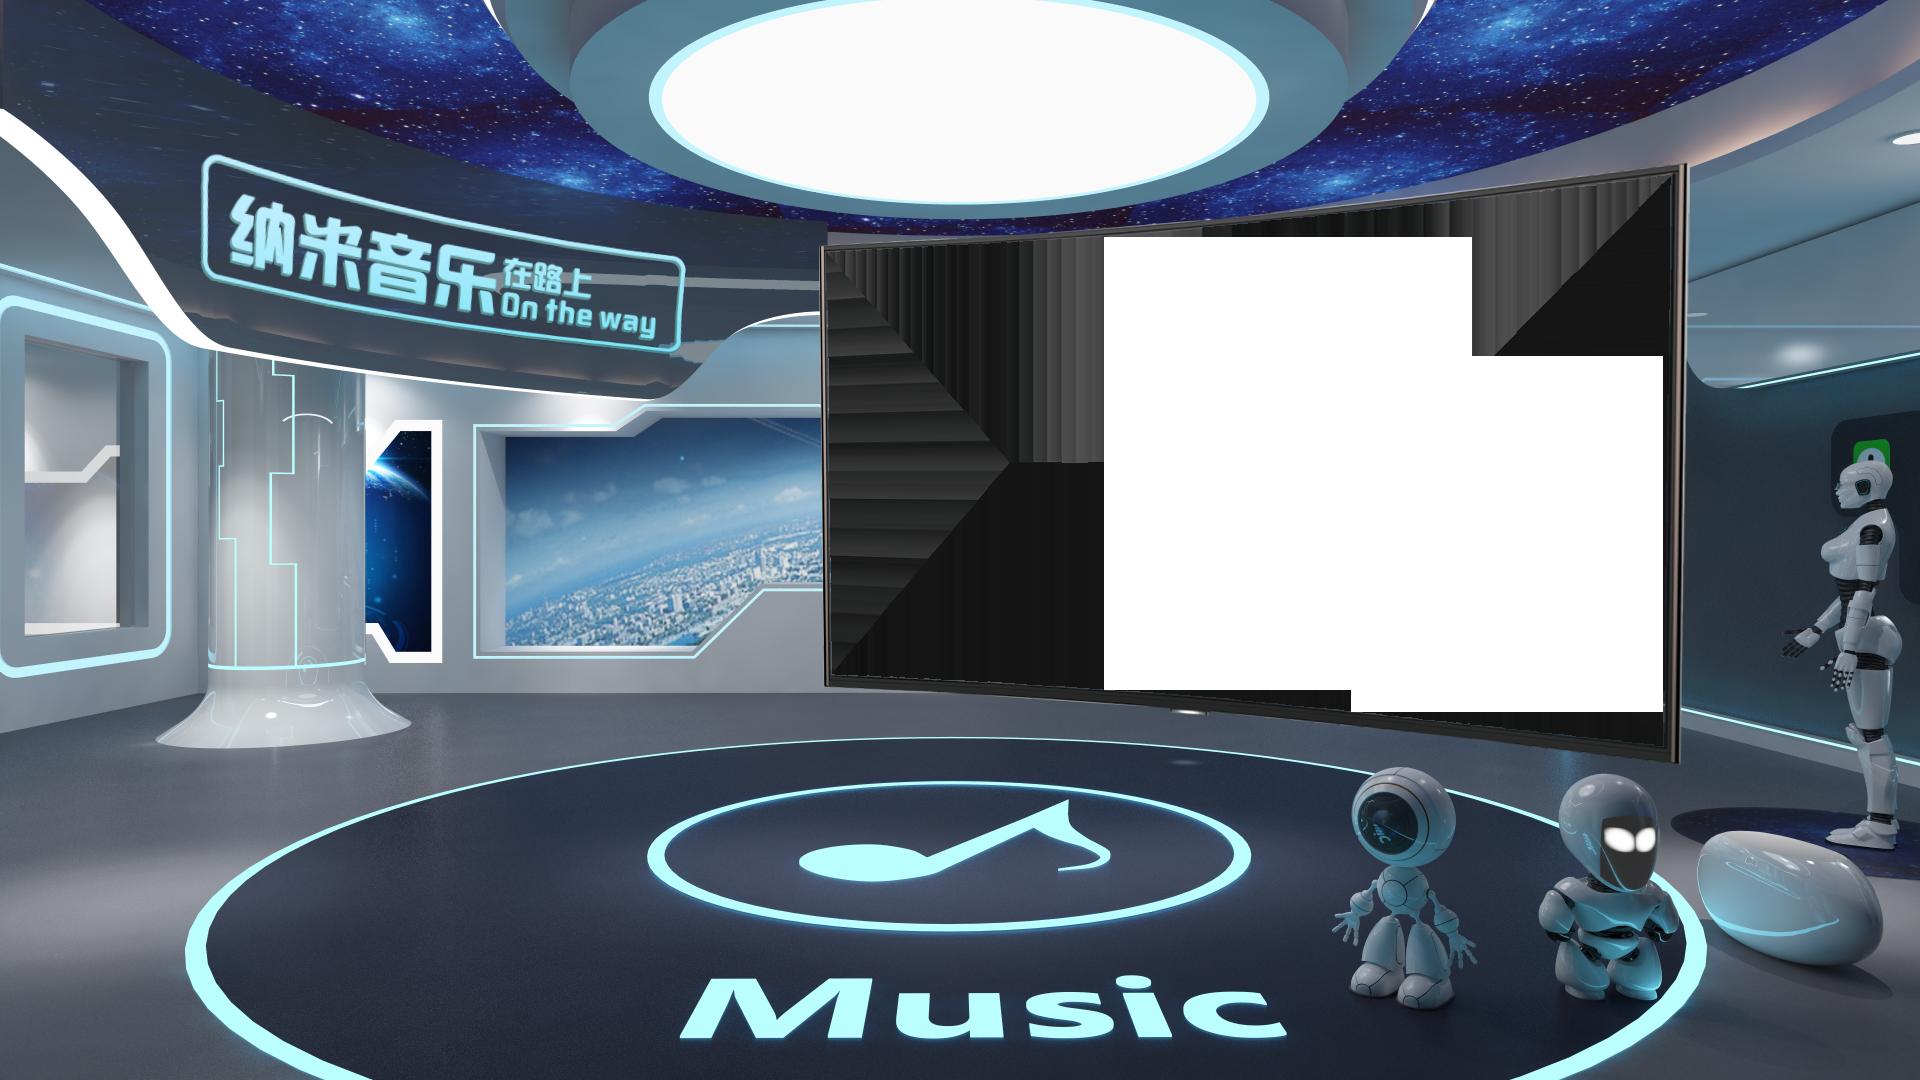 虚拟演播室3d效果图-02